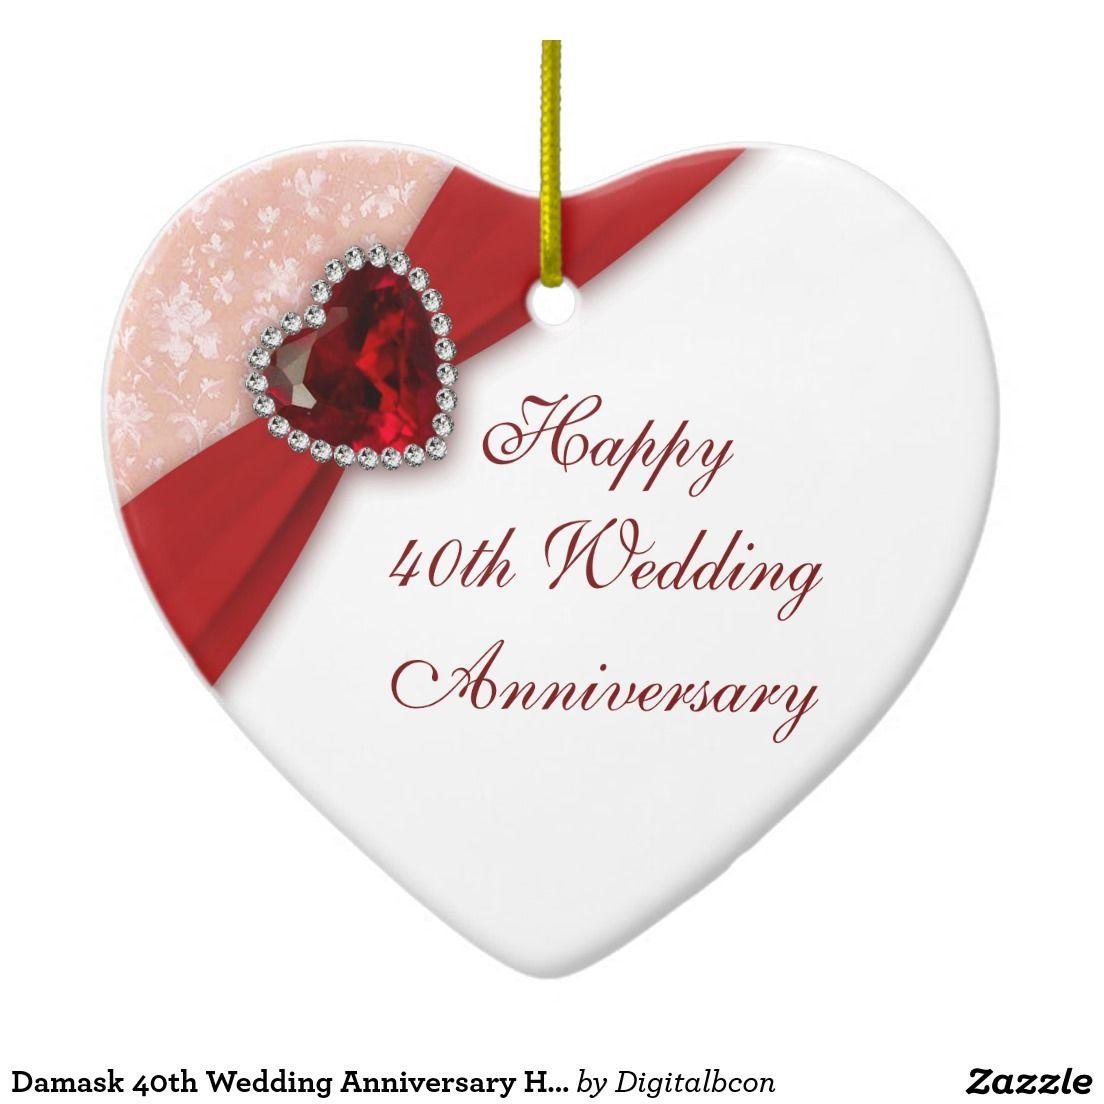 Decoration ideas for 40th wedding anniversary  Damask th Wedding Anniversary Heart Ornament  Damask th Wedding